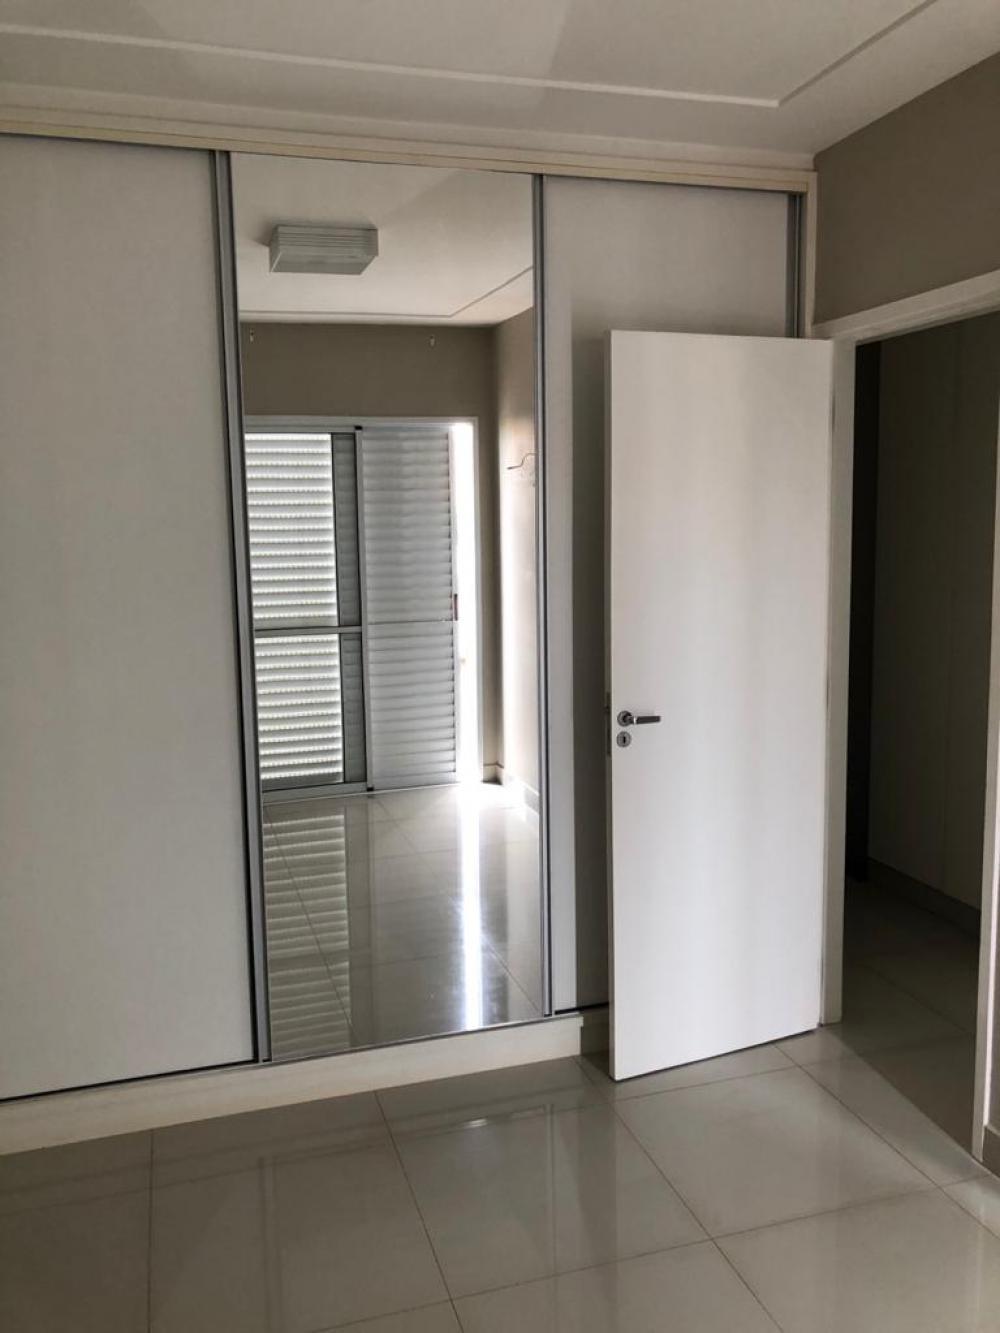 Alugar Casa / Condomínio em São José do Rio Preto R$ 2.100,00 - Foto 19